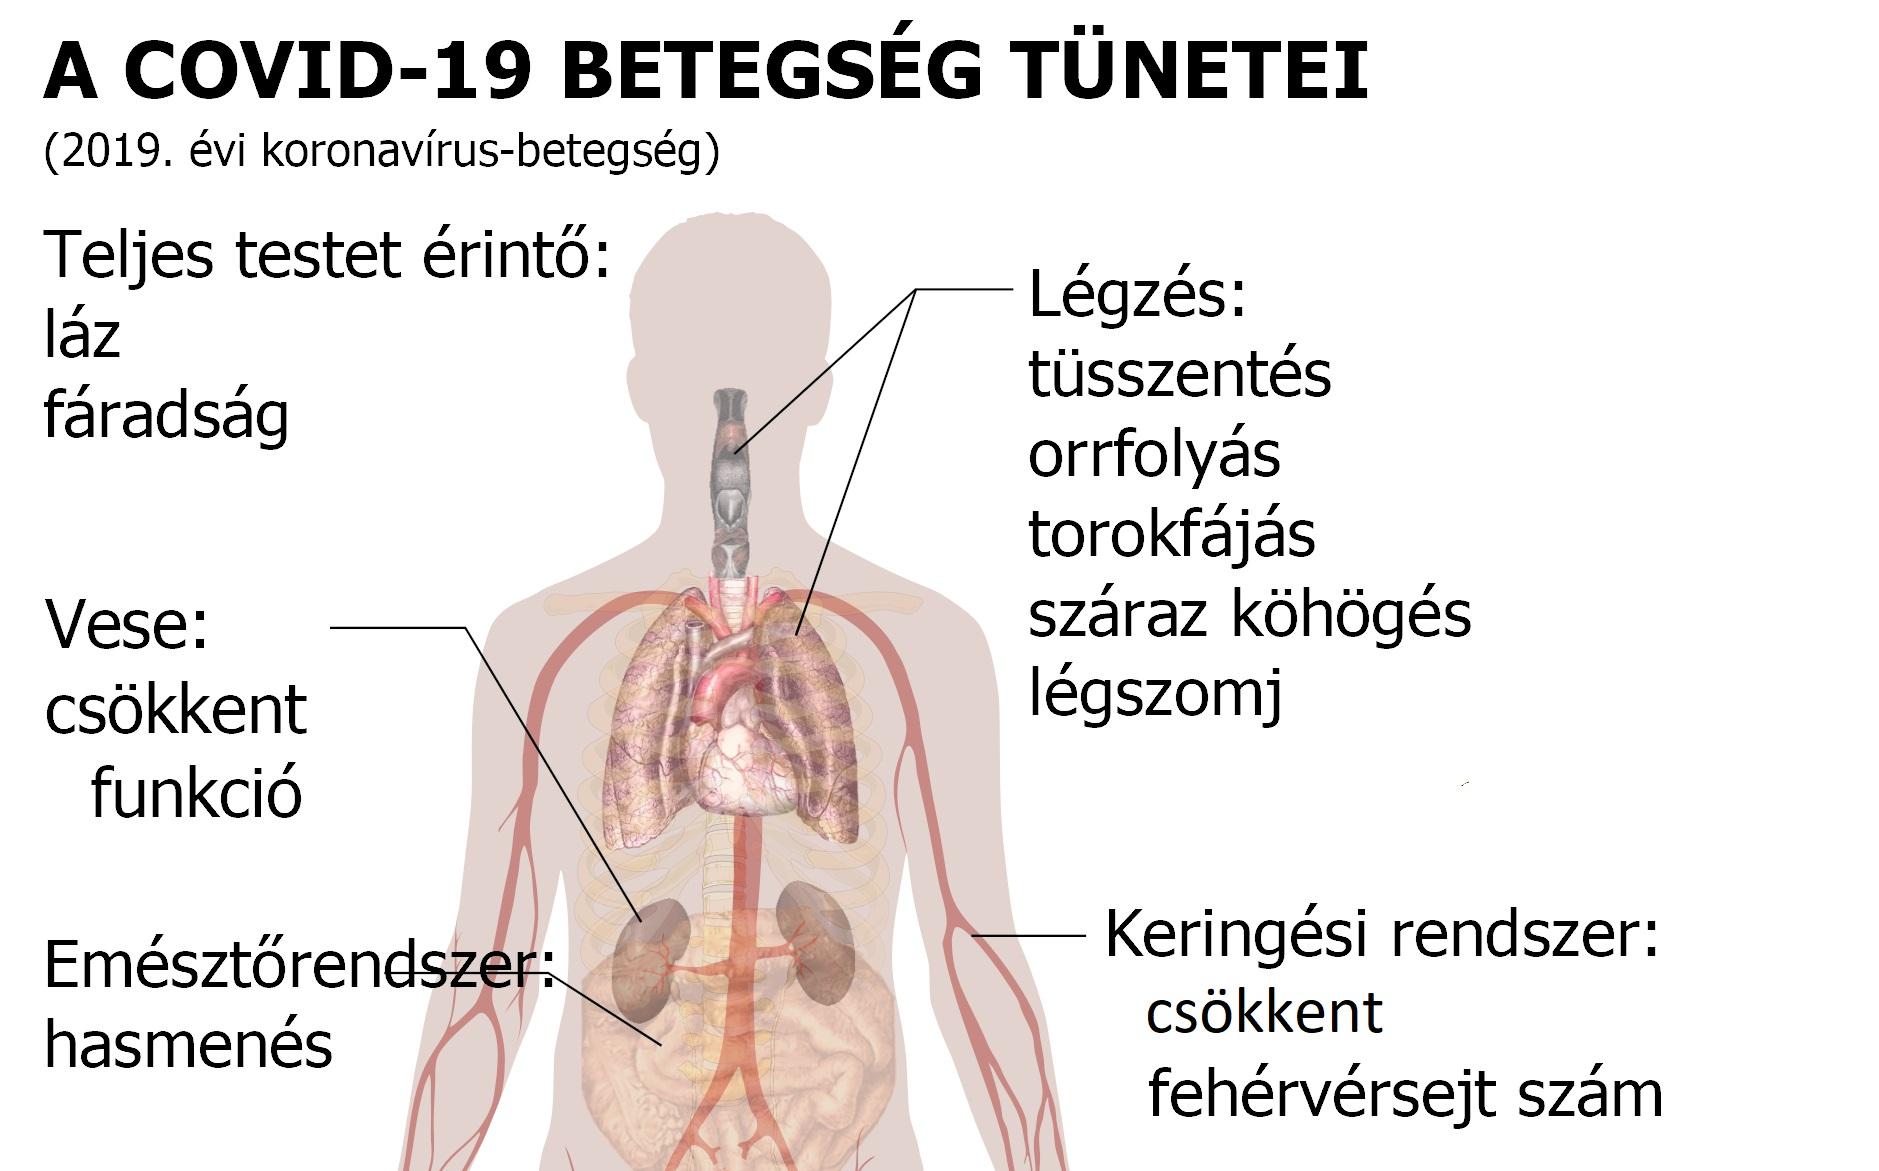 az ASD 2 frakciójának használata magas vérnyomás esetén